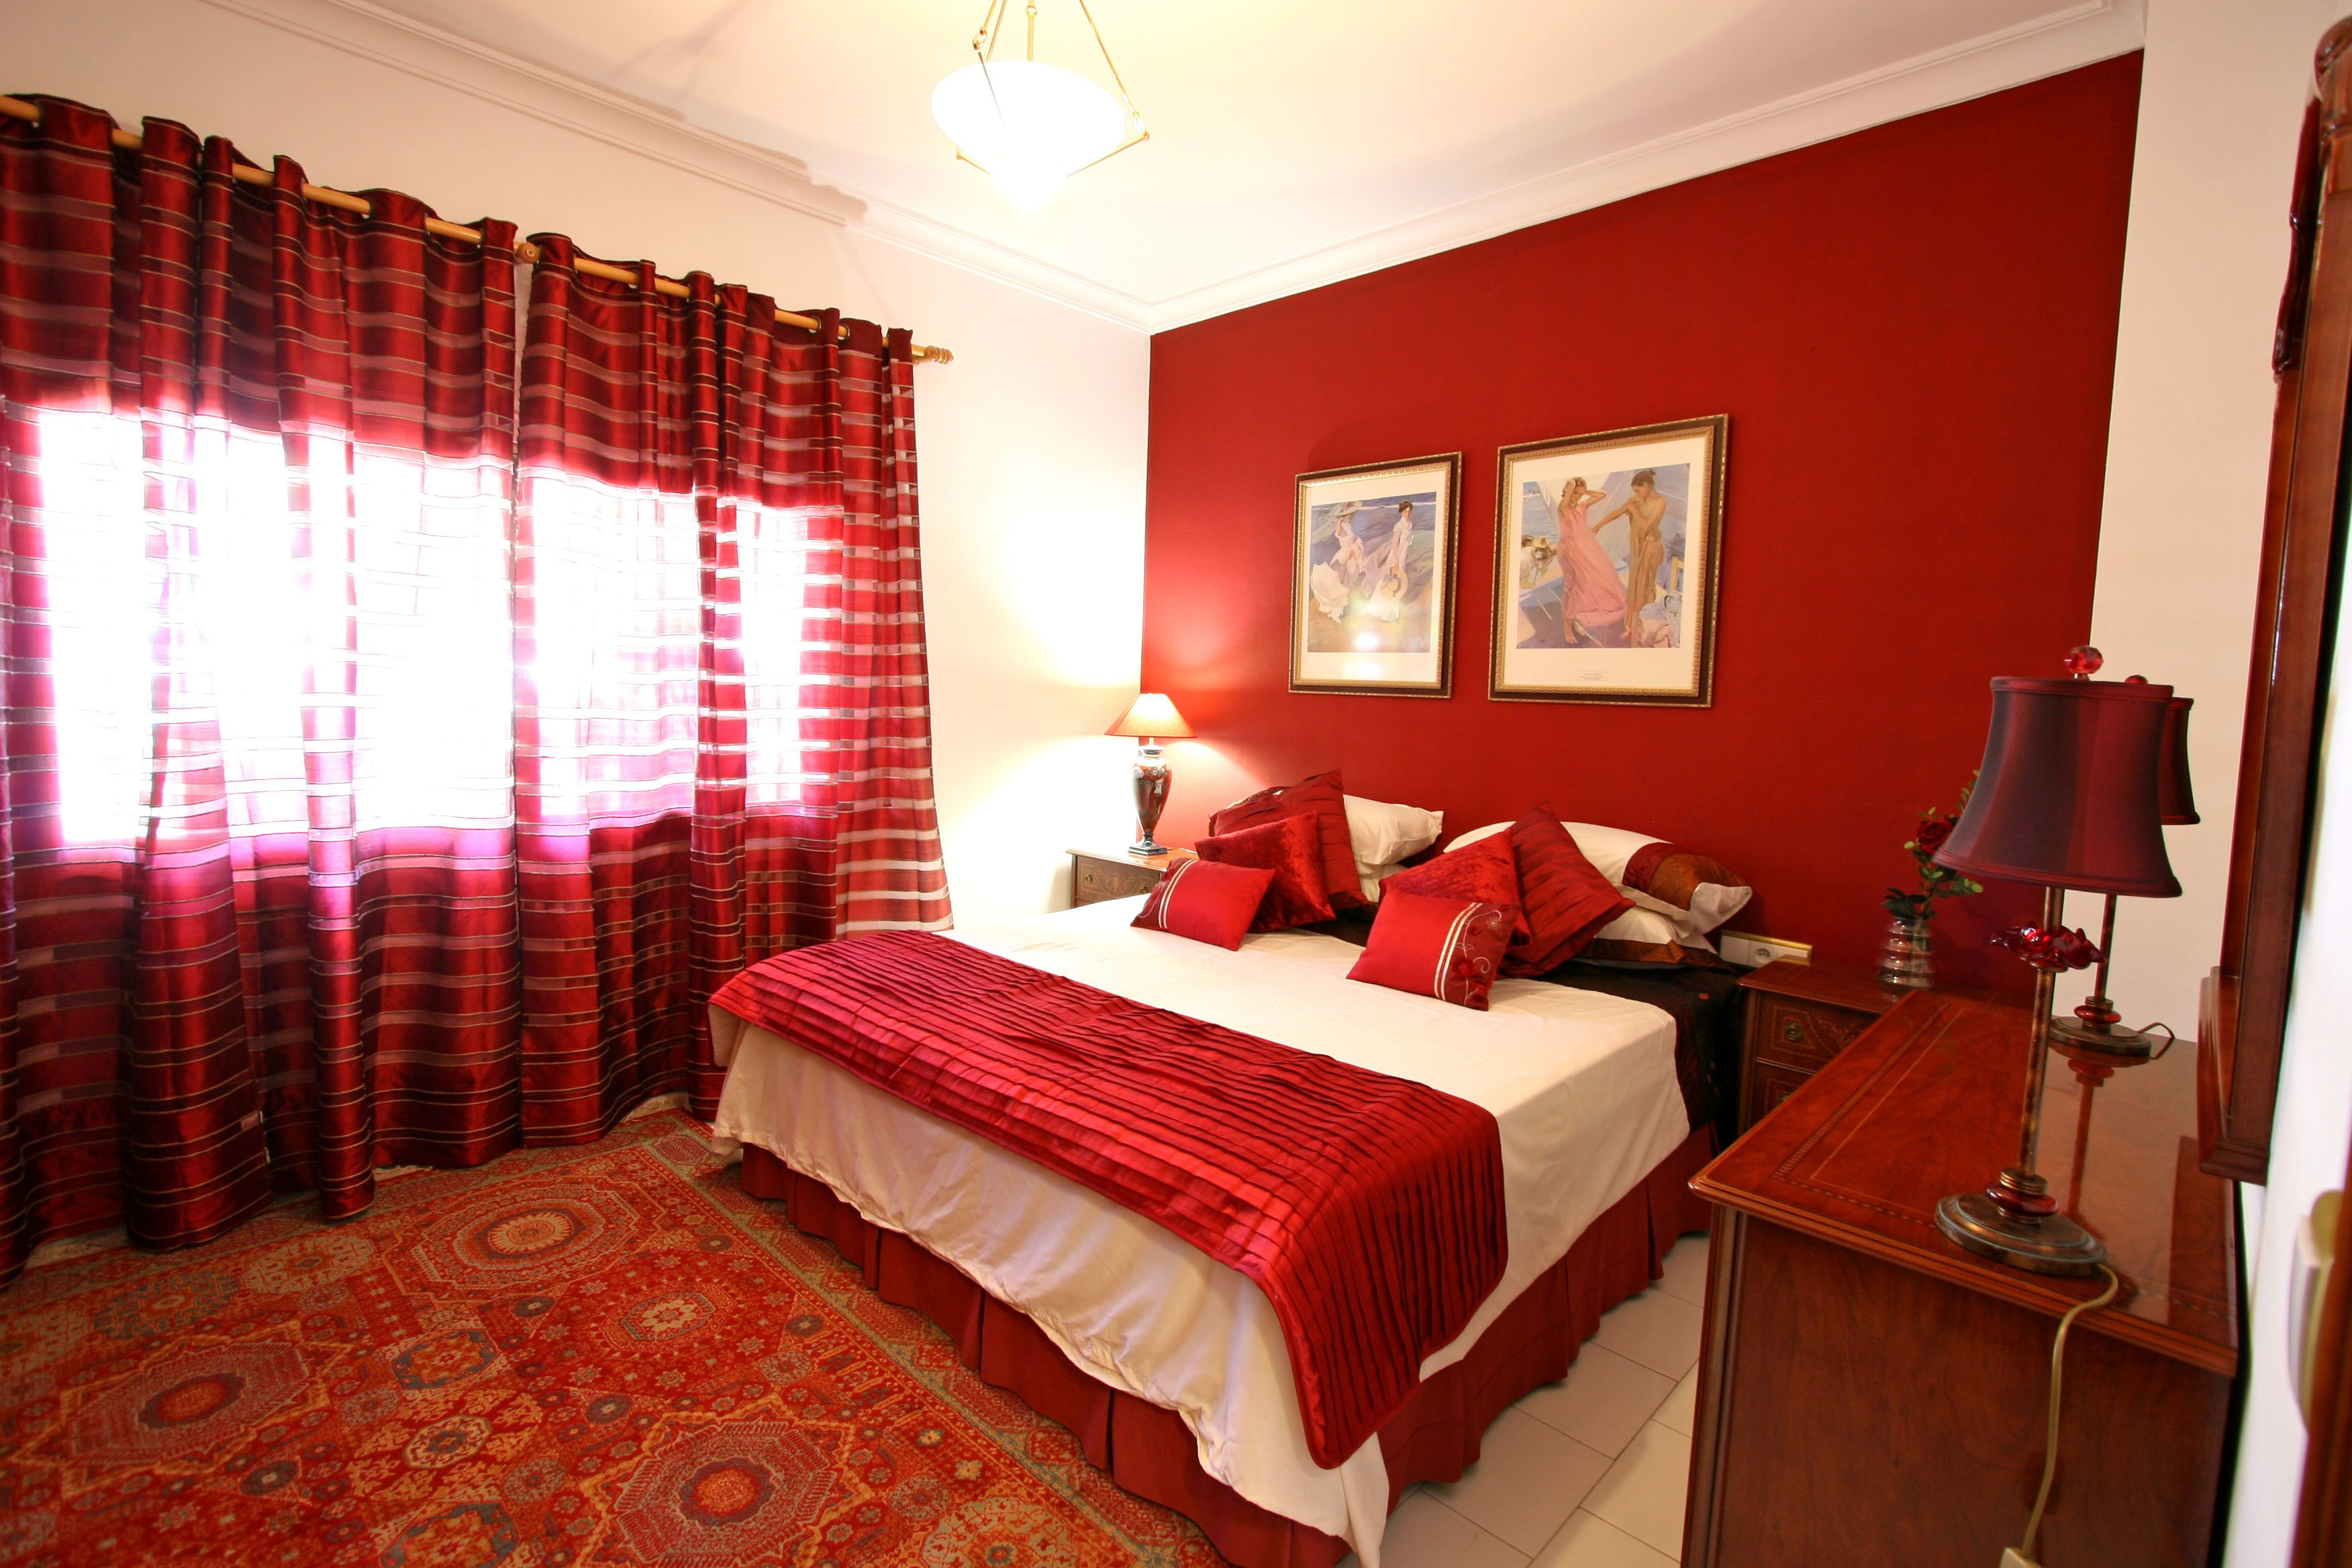 Fabelhafte Feng Shui Schlafzimmer Farben Für Paare, In Haus ...